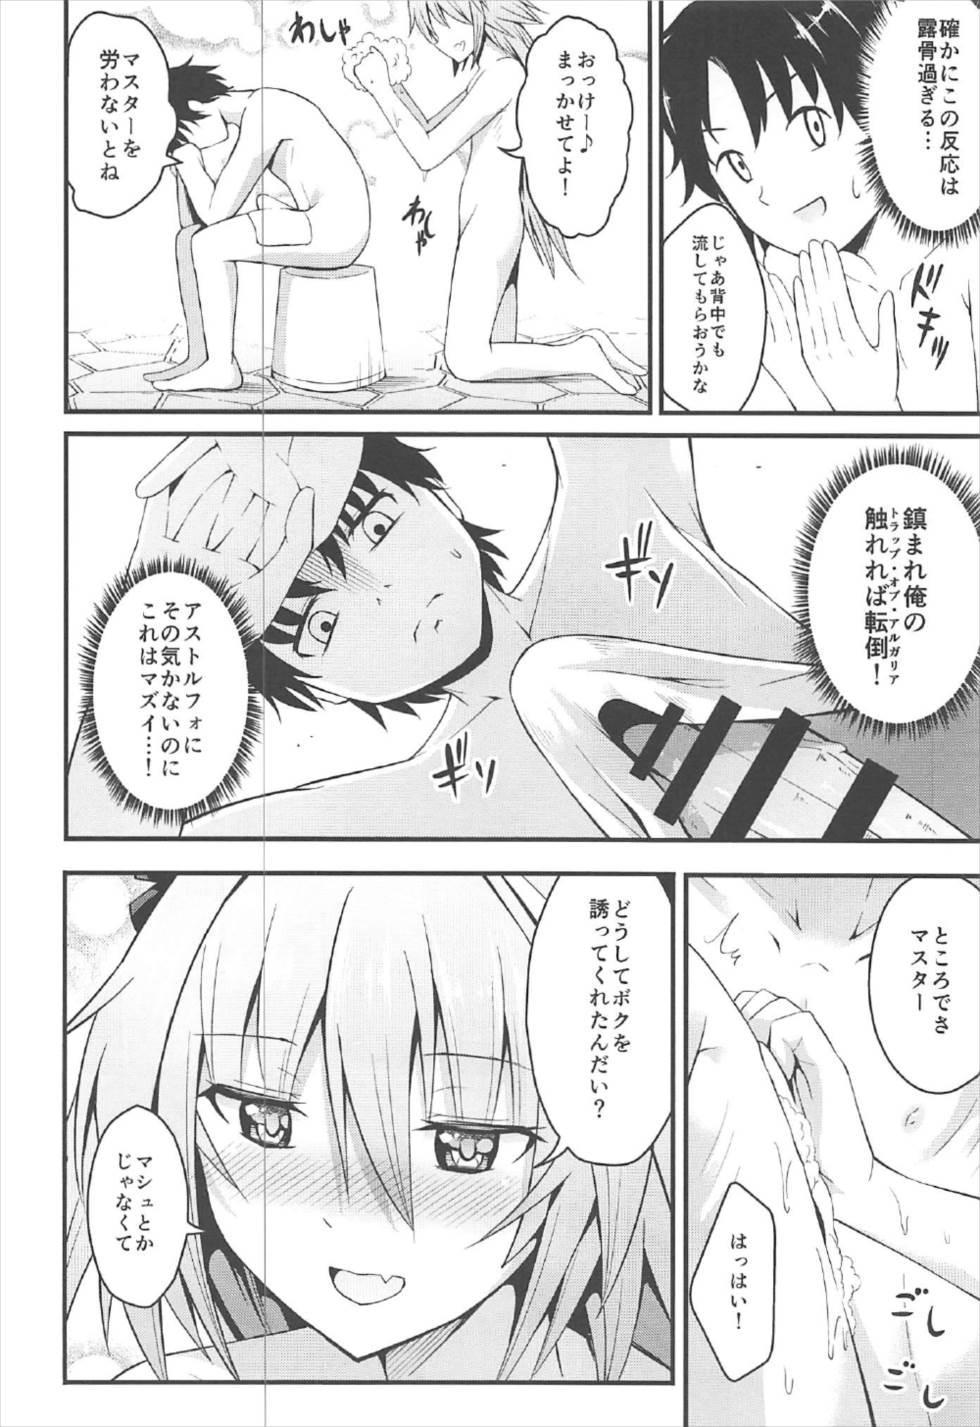 Sekai ga Heiwa ni Natta node Astolfo to Onsen Ryokou ni Ikimashita 4